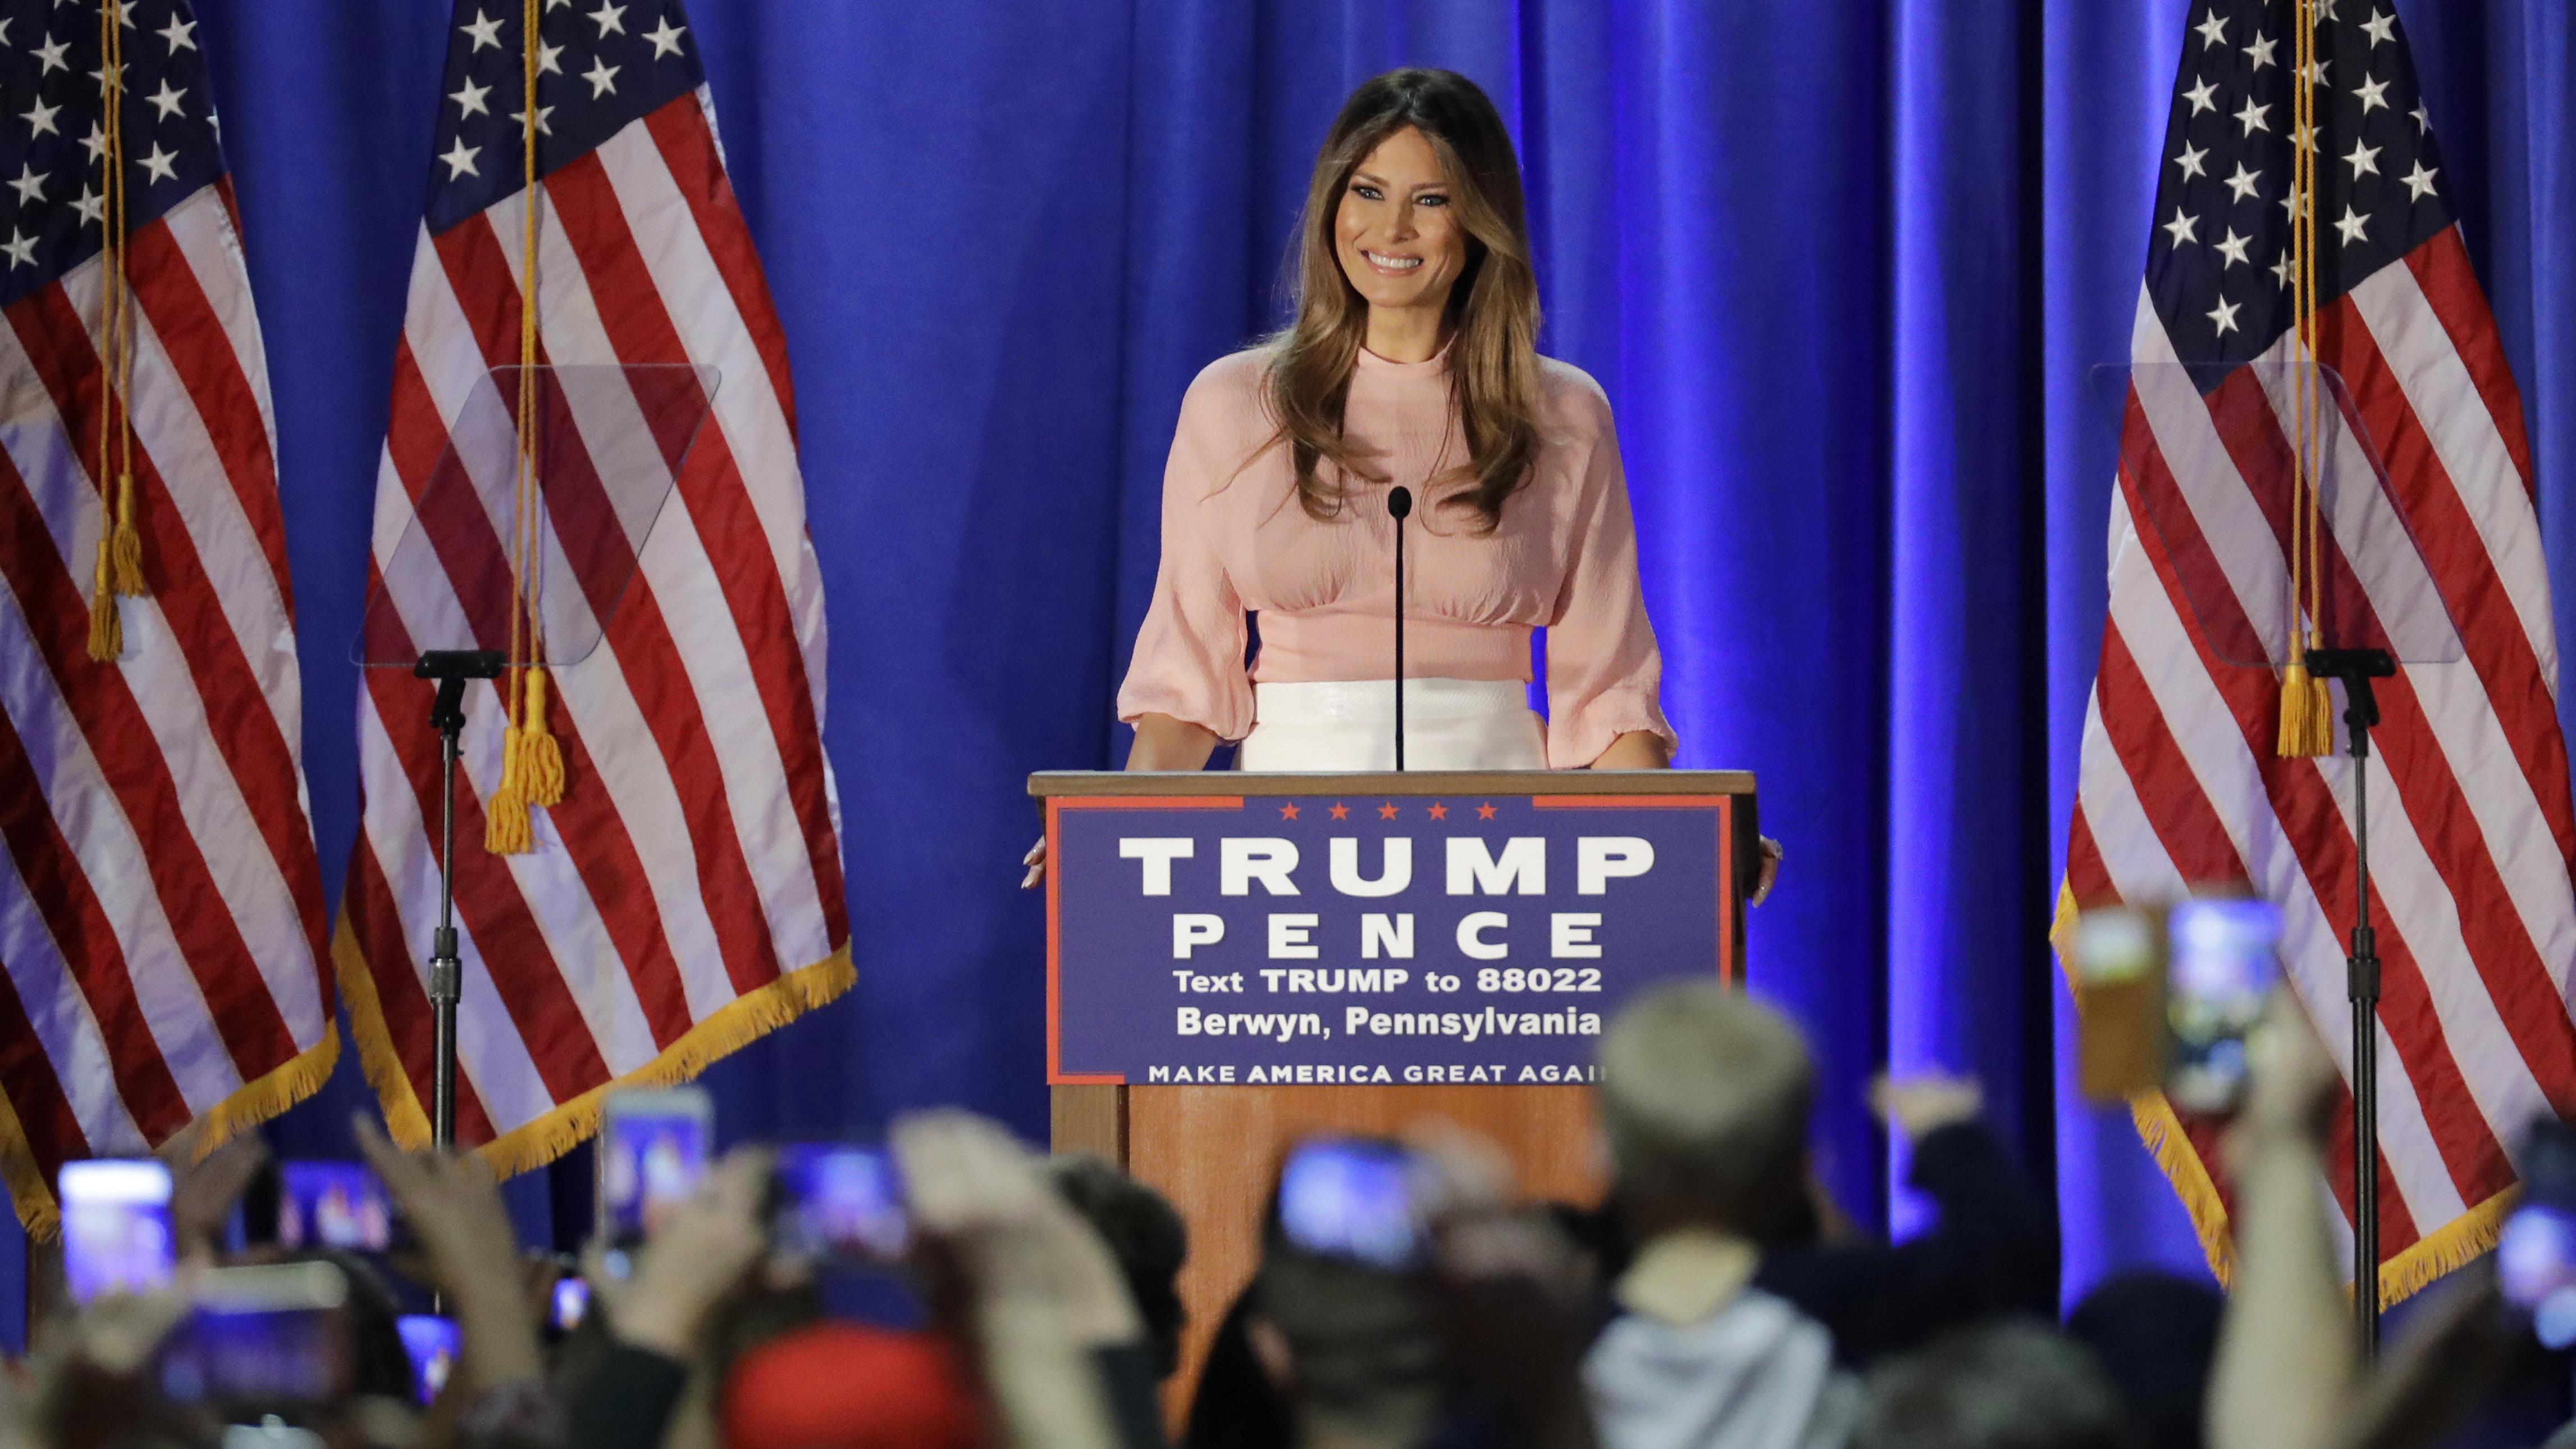 Melania Trump gives rare election speech